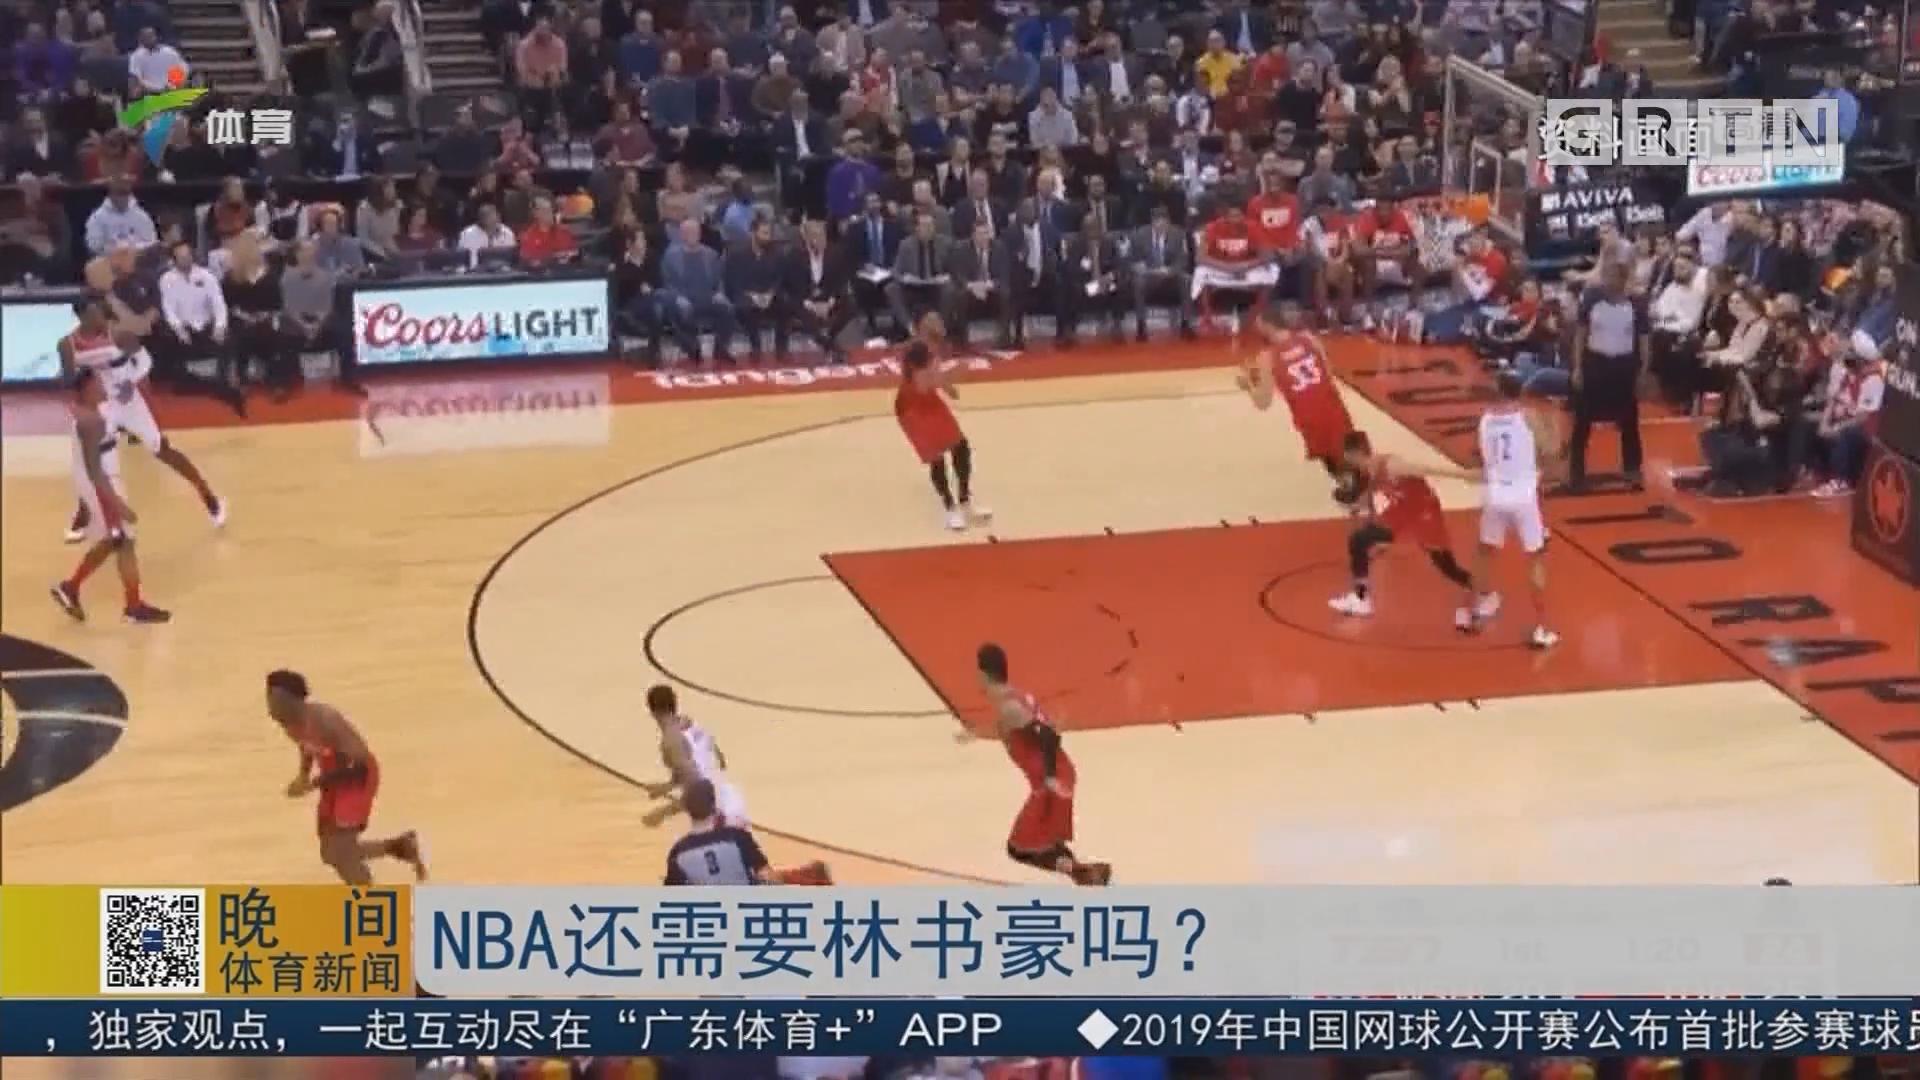 NBA还需要林书豪吗?